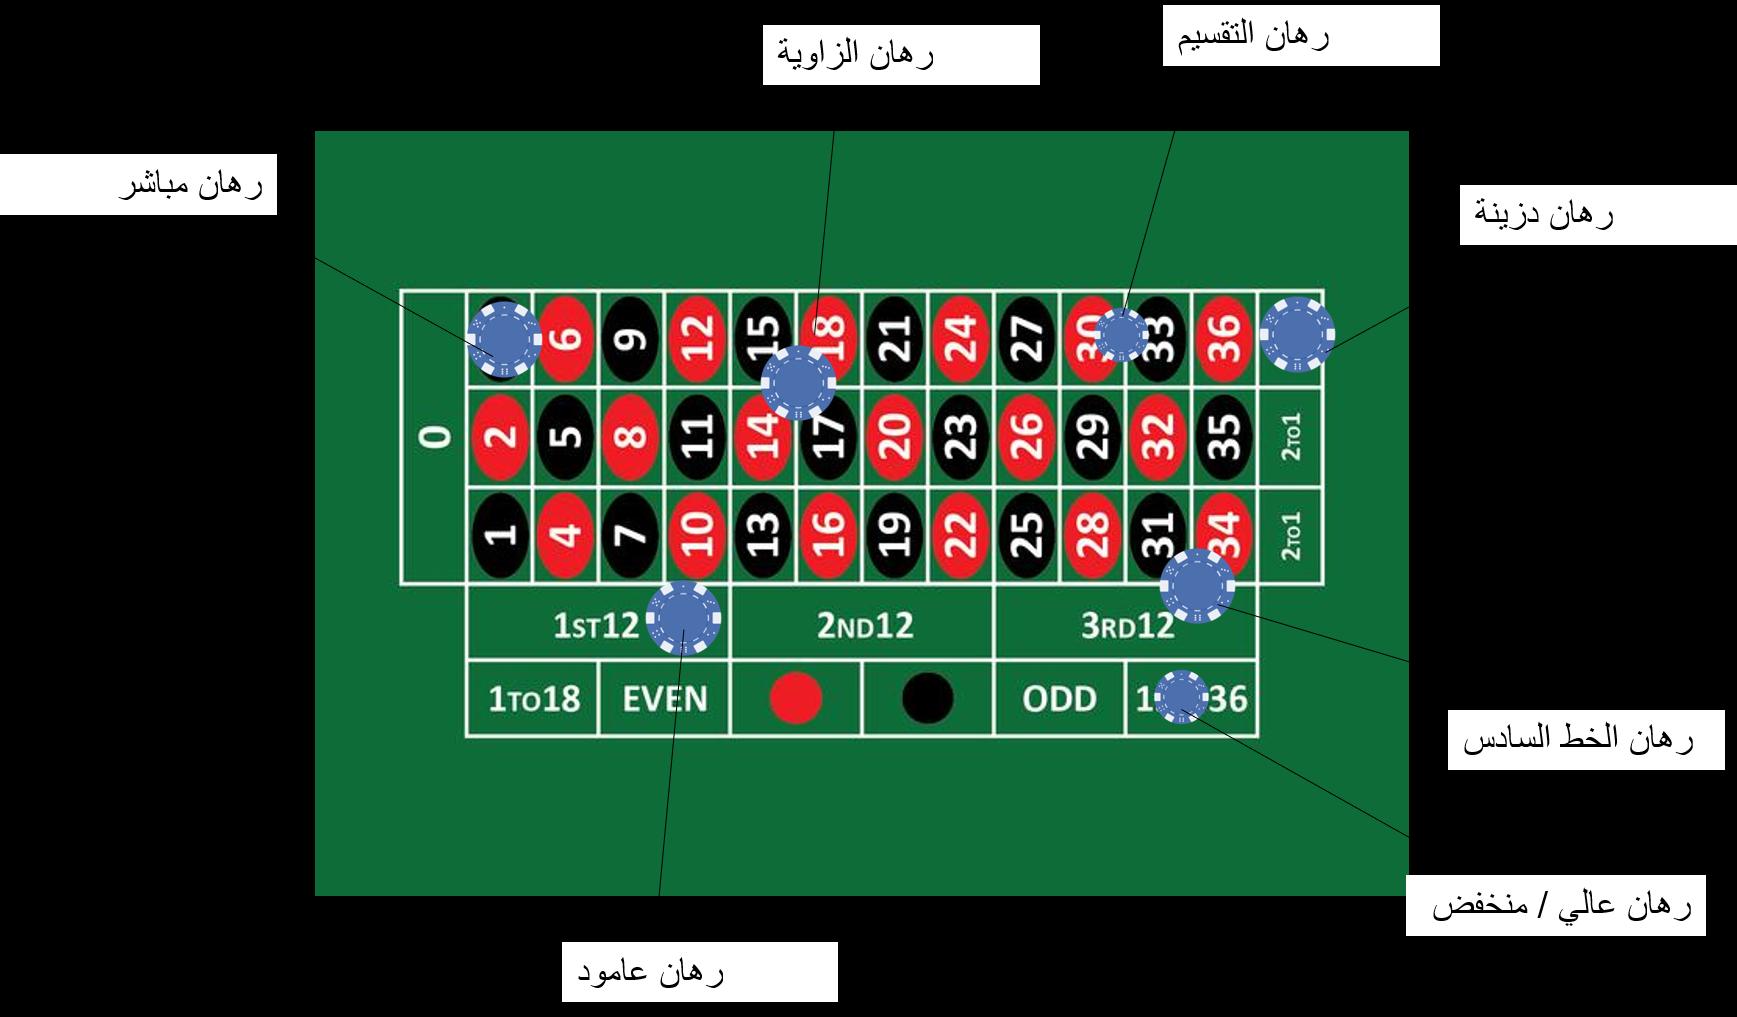 لعبة طاولة - 68532